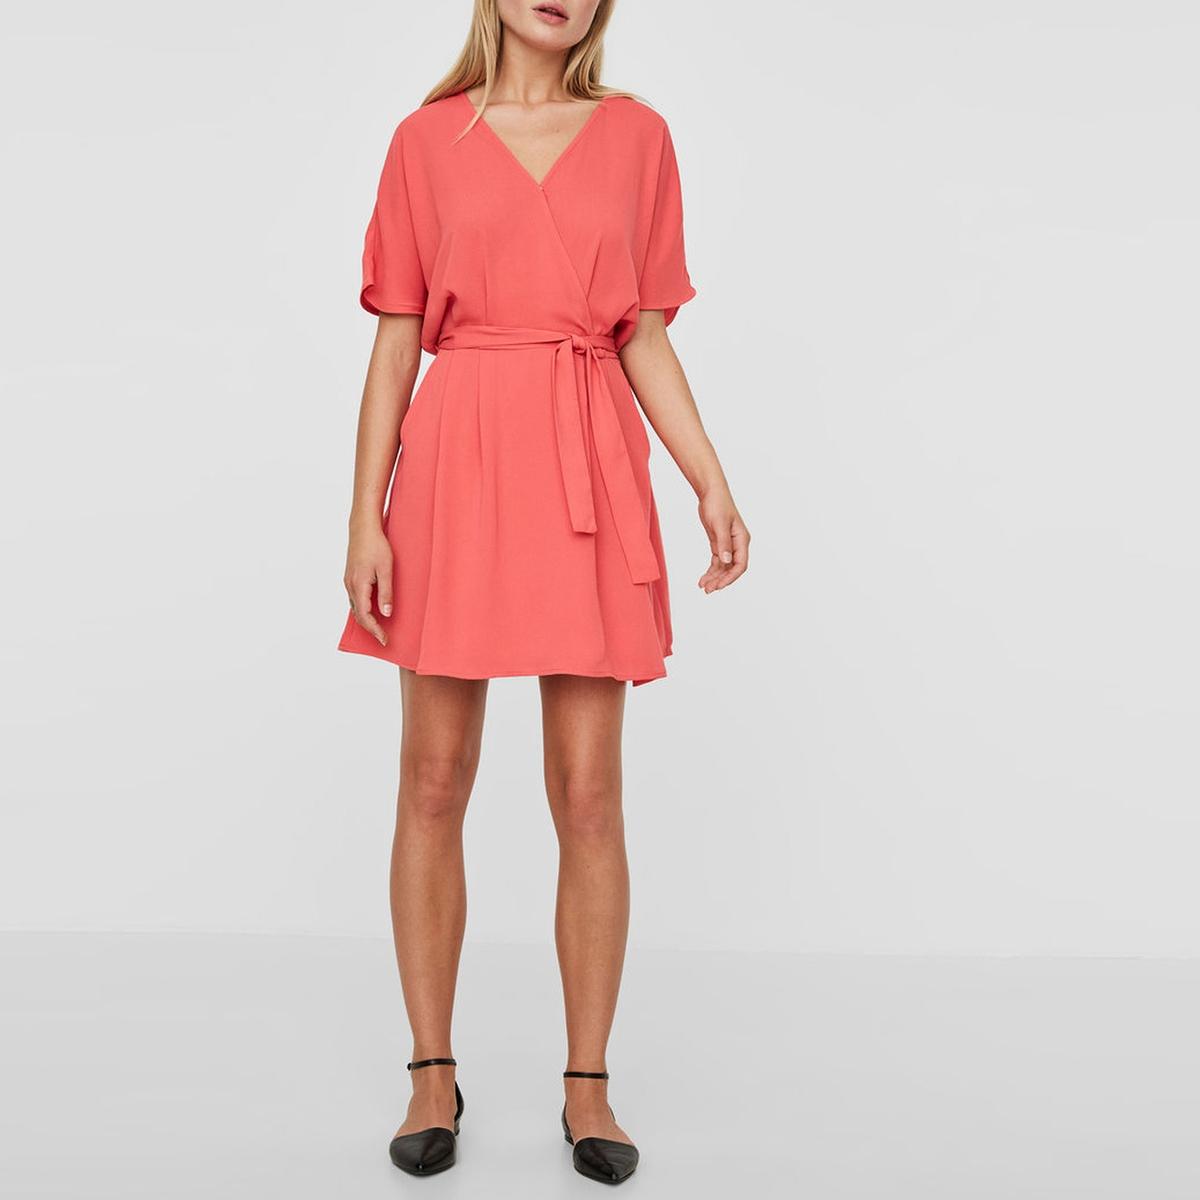 Платье-кимоно с короткими рукавамиДетали •  Покрой: расклешенный •  Короткое •  Короткие рукава    •  Круглый вырезСостав и уход •  100% полиэстер •  Обратите внимание на рекомендации по уходу на ярлуке изделия<br><br>Цвет: коралловый,темно-синий,хаки<br>Размер: XS.S